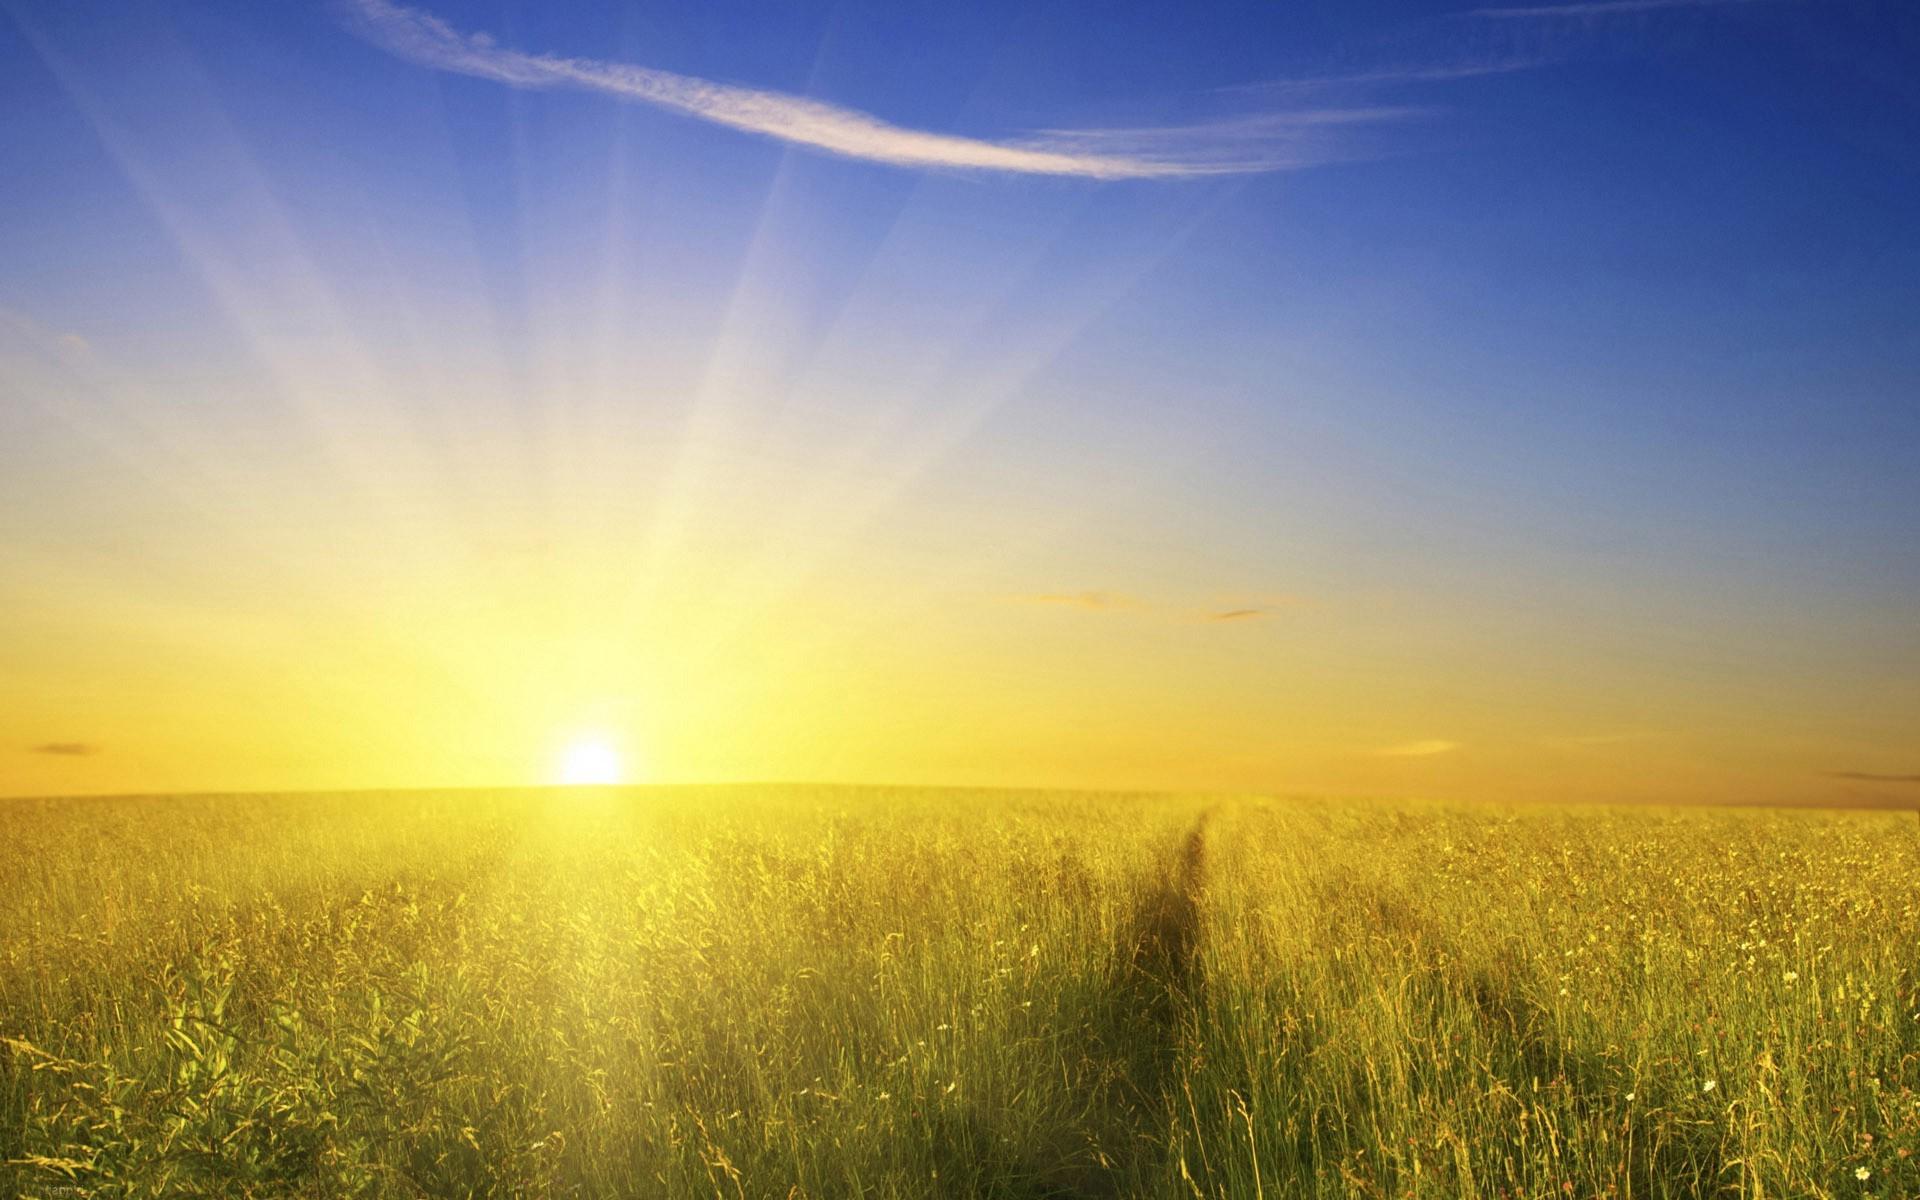 российская художница, солнце и поле фото также сильно